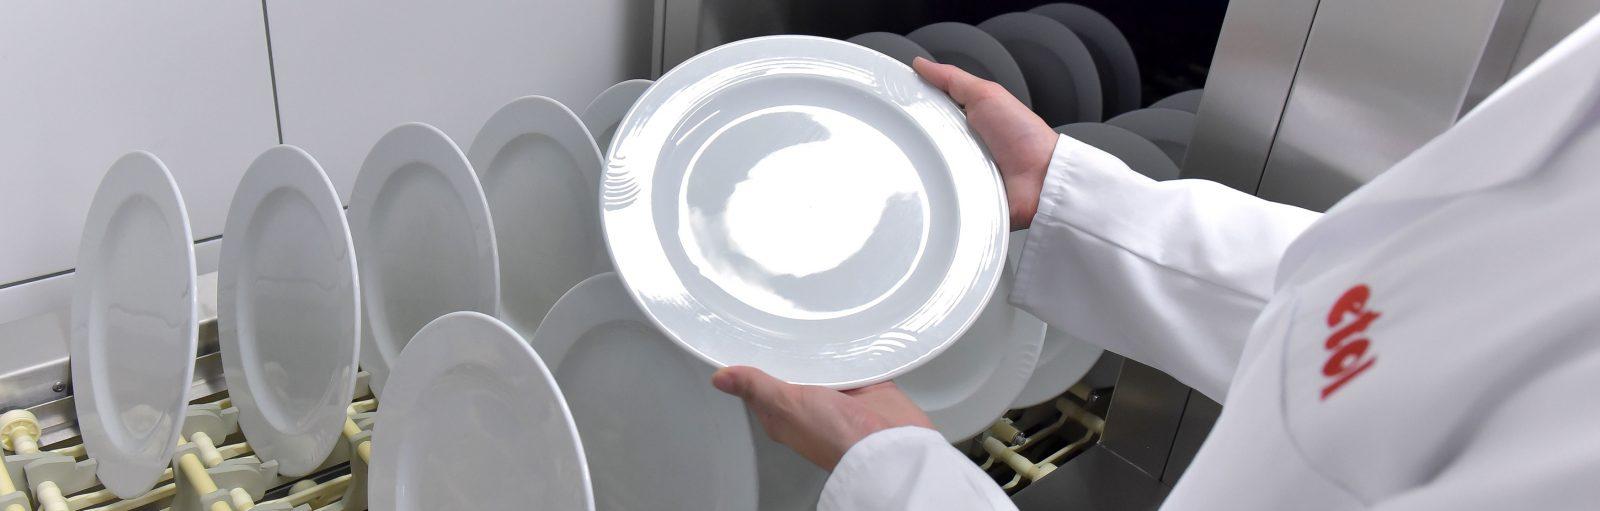 etol etolit Reinigungsmittel für gewerbliche Küchen, Spezialreiniger für Spülmaschinen, Dosiertechnik